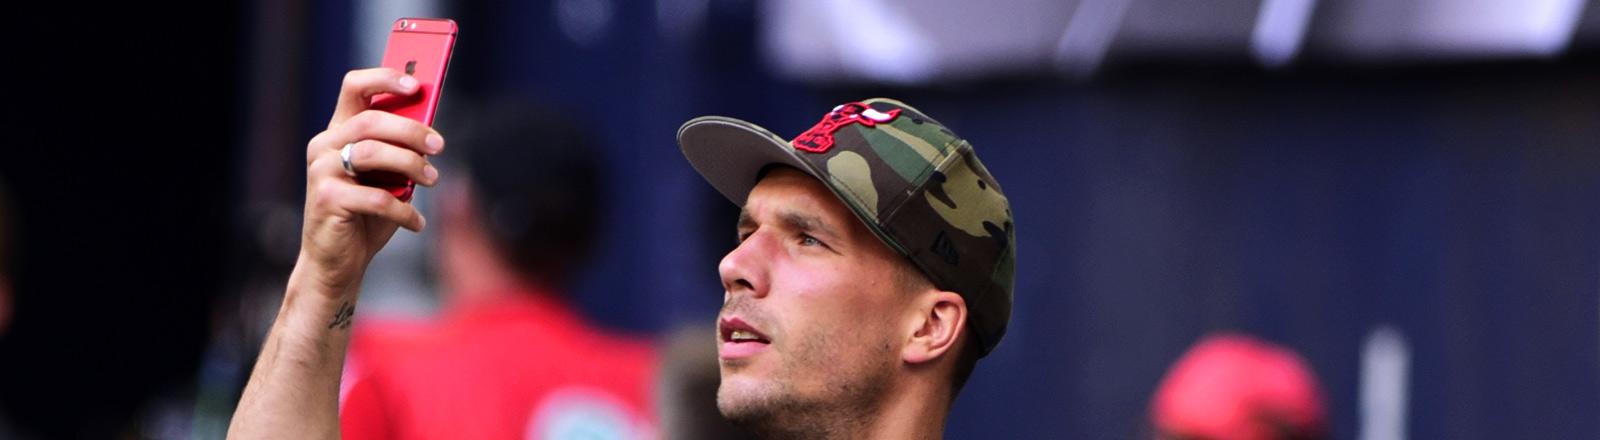 Lukas Podolski fotografiert im Stadion mit seinem Handy